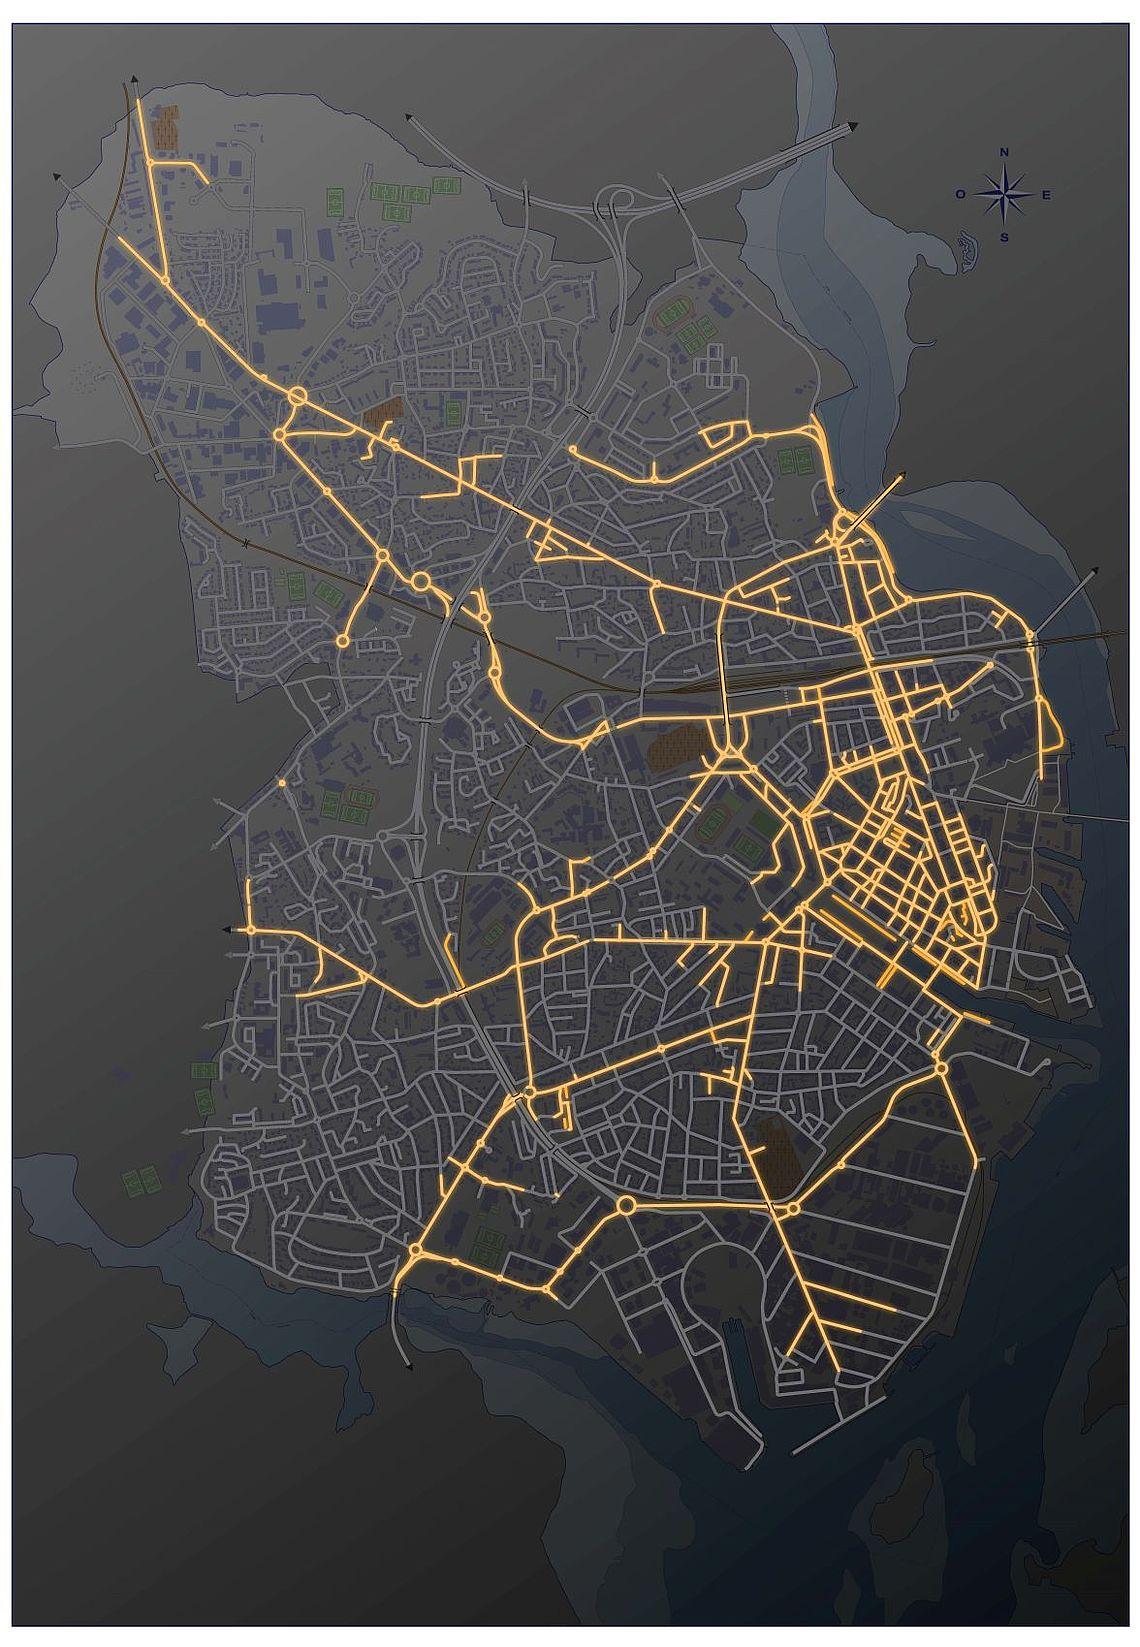 En jaune, les rues restant éclairées. Cliquez pour agrandir